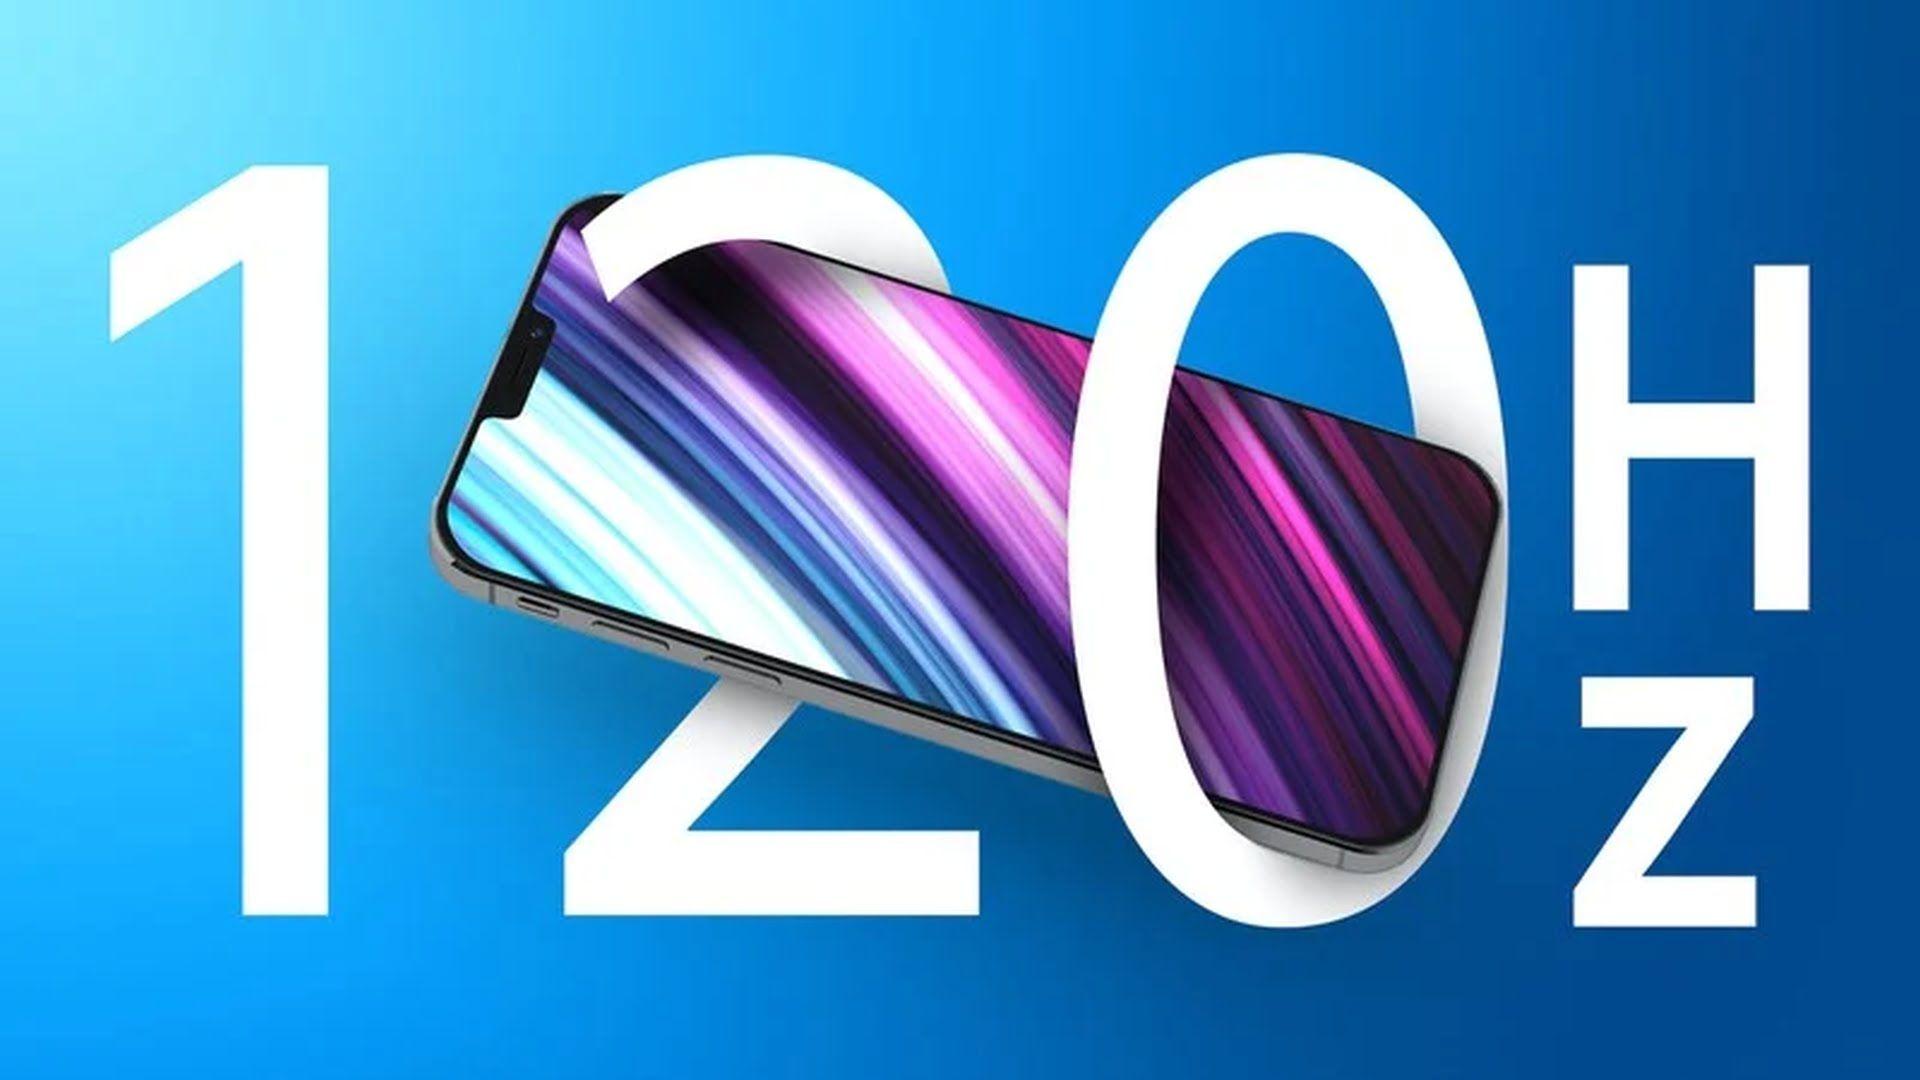 Wystartowała produkcja ekranów dla nowych iPhone'ów 13